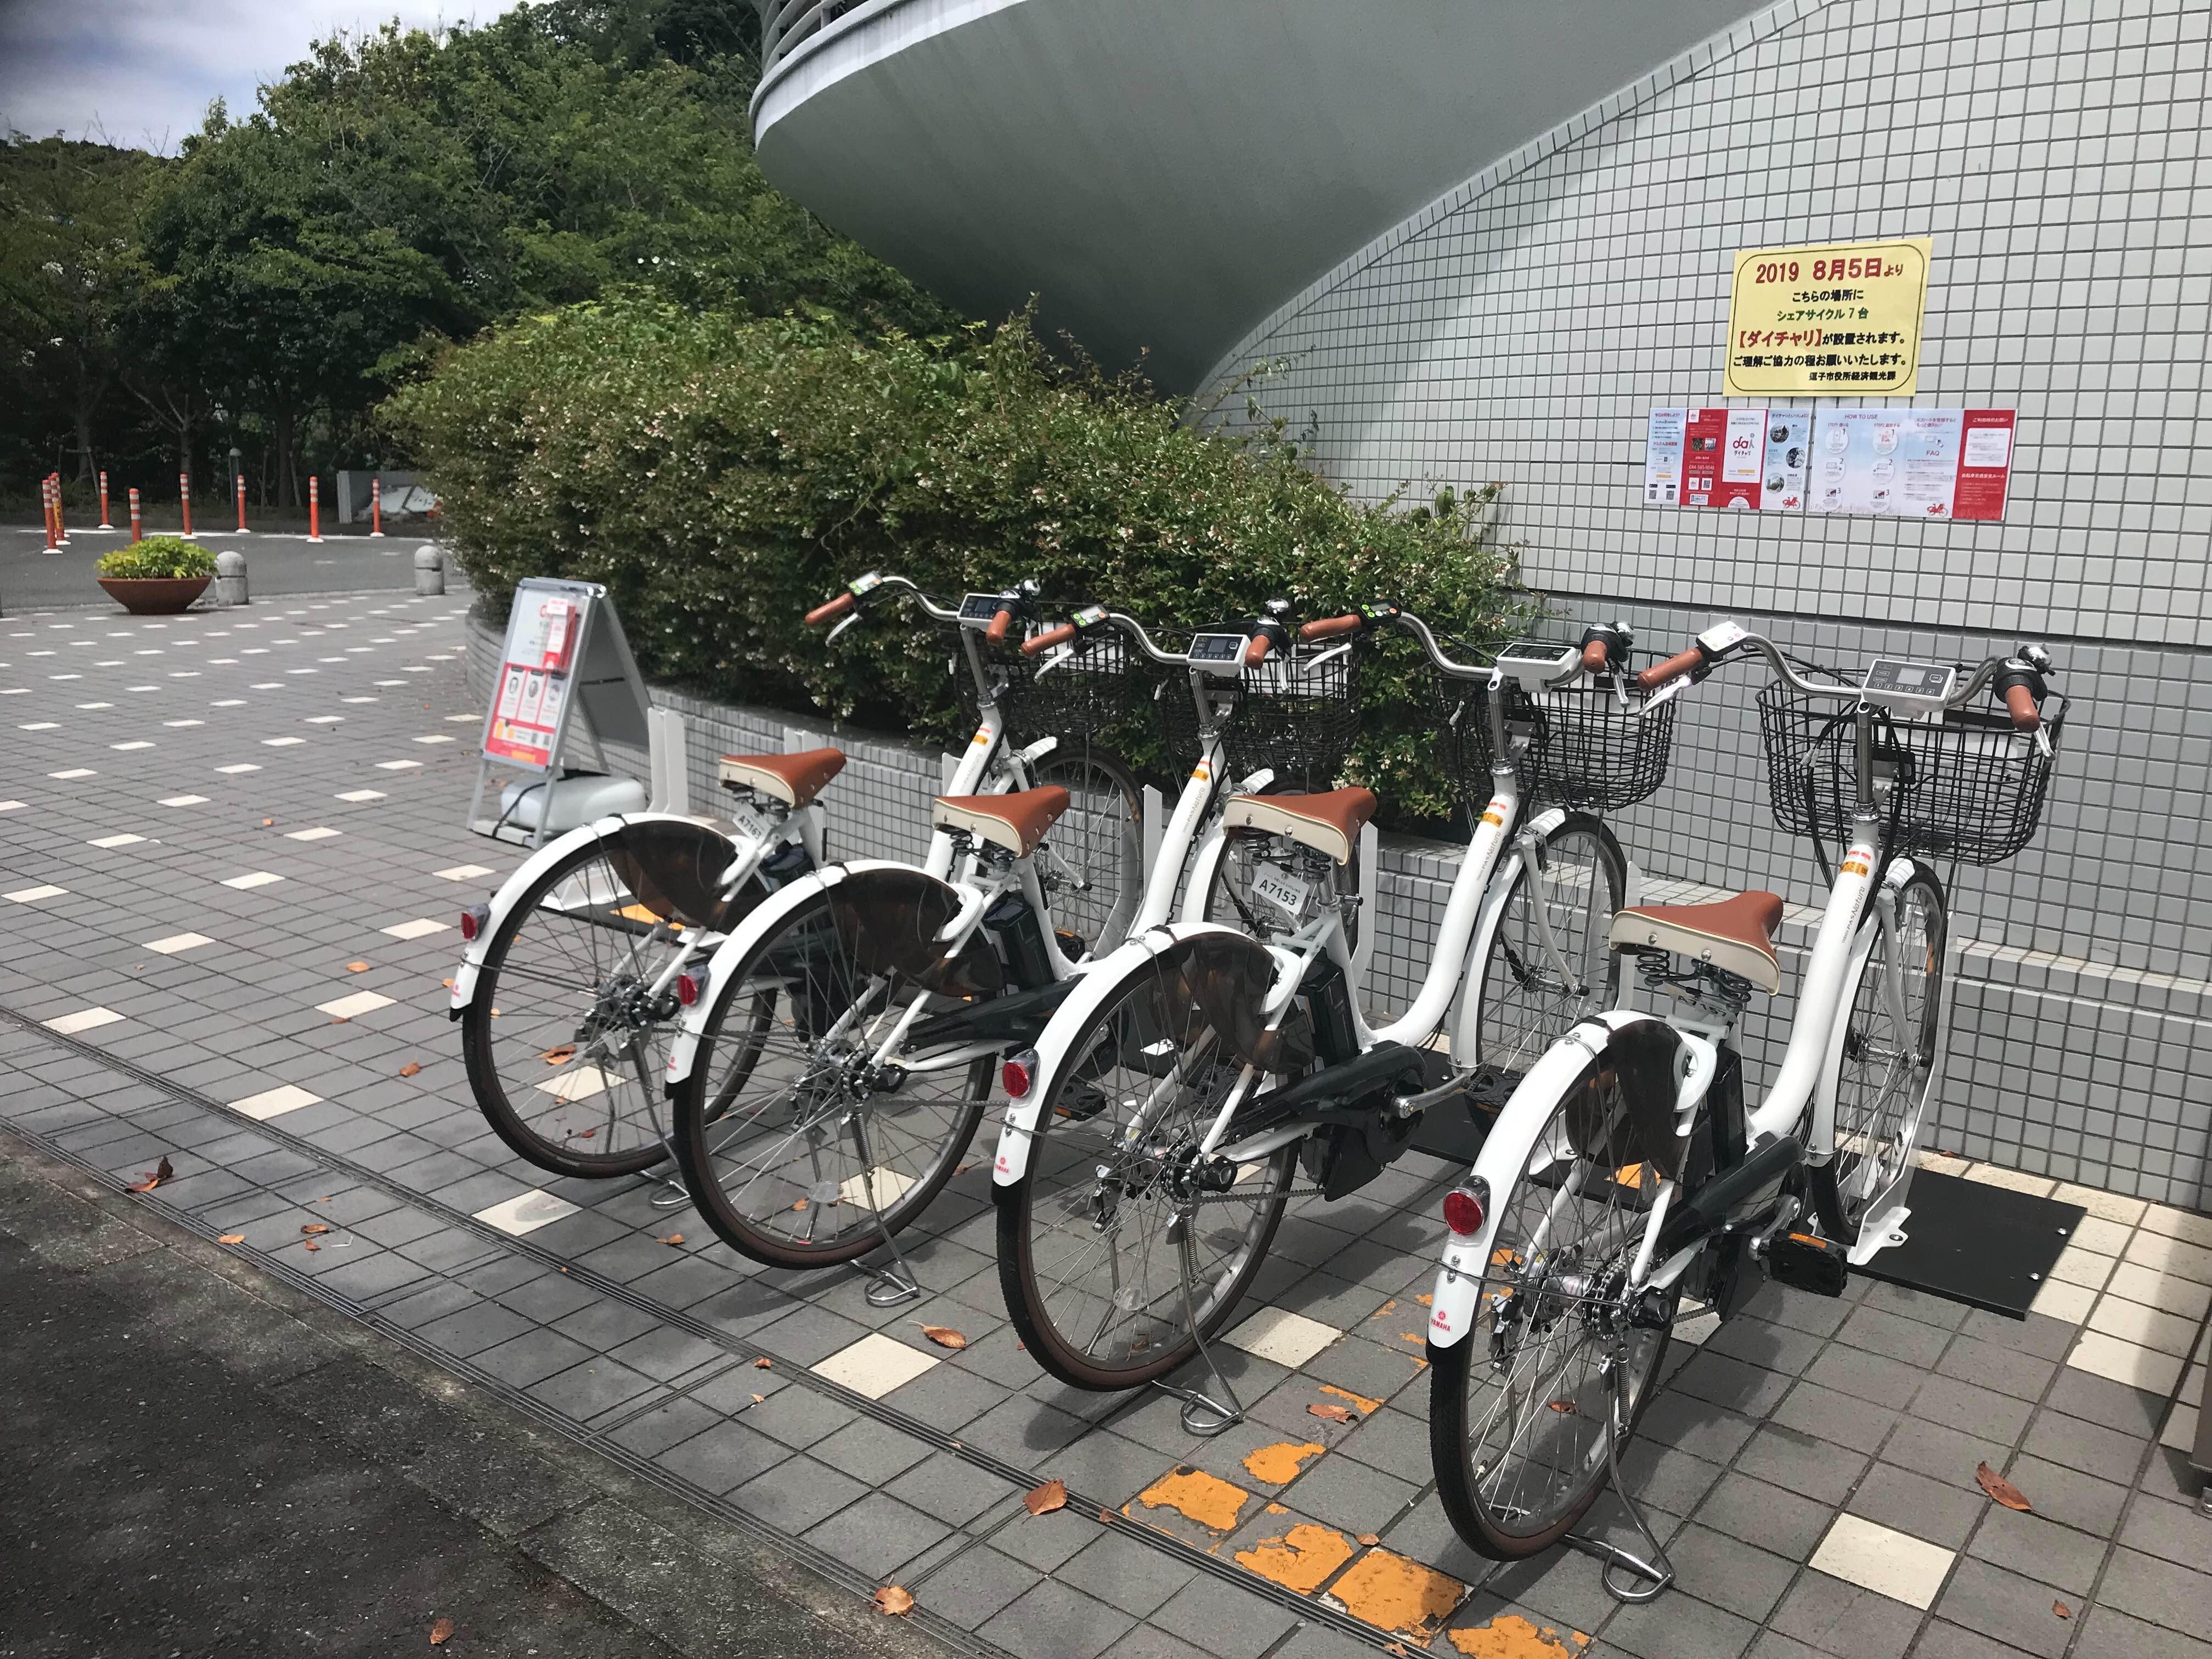 逗子市立体育館 逗子アリーナ (HELLO CYCLING ポート) image